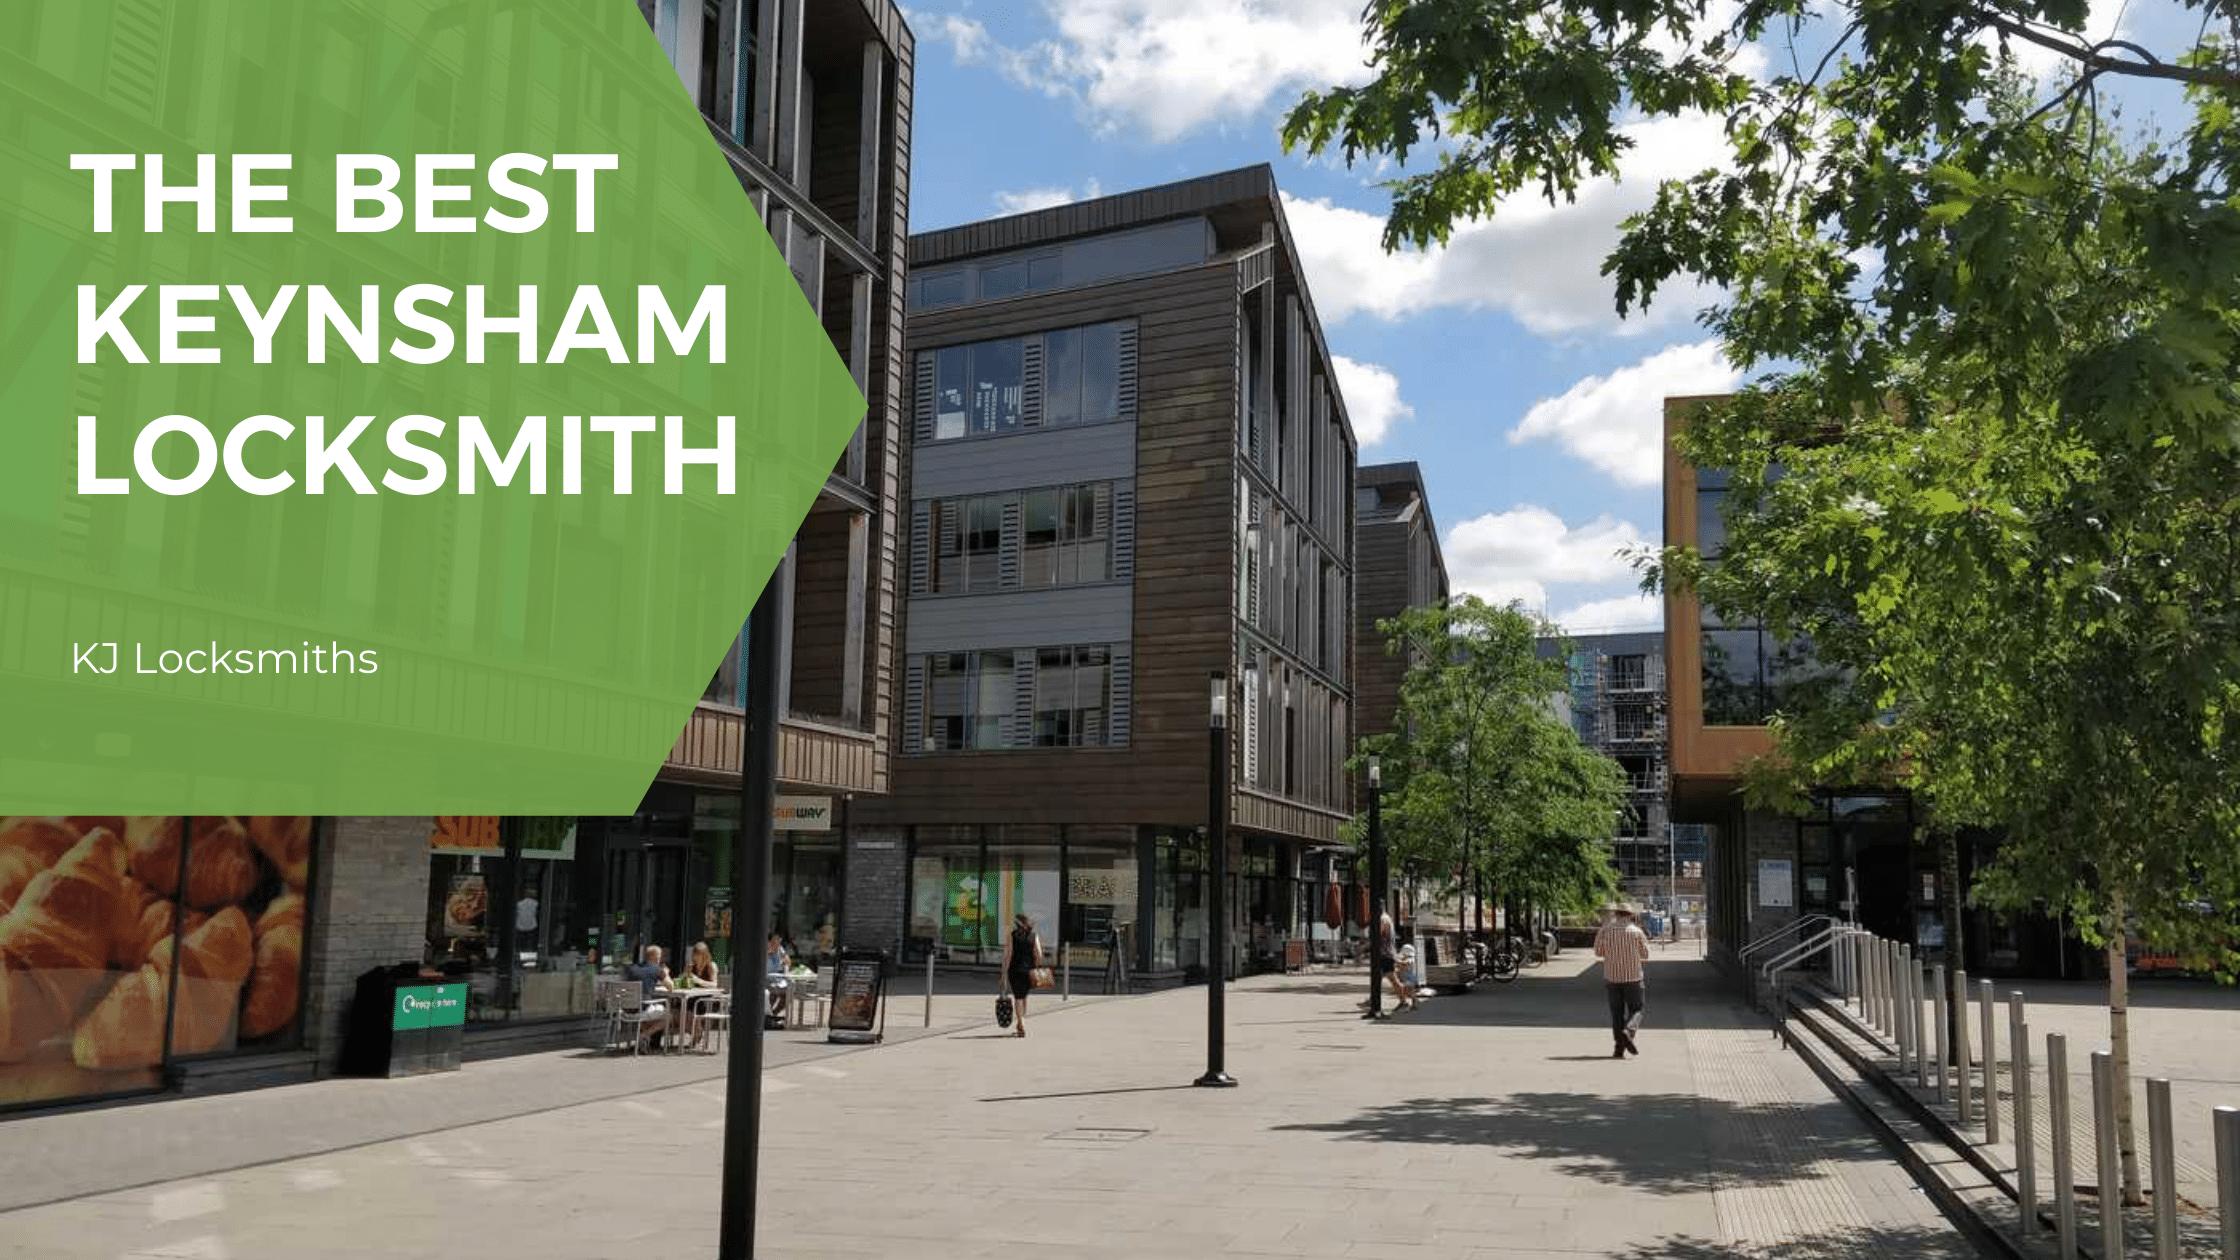 The Best Keynsham Locksmith